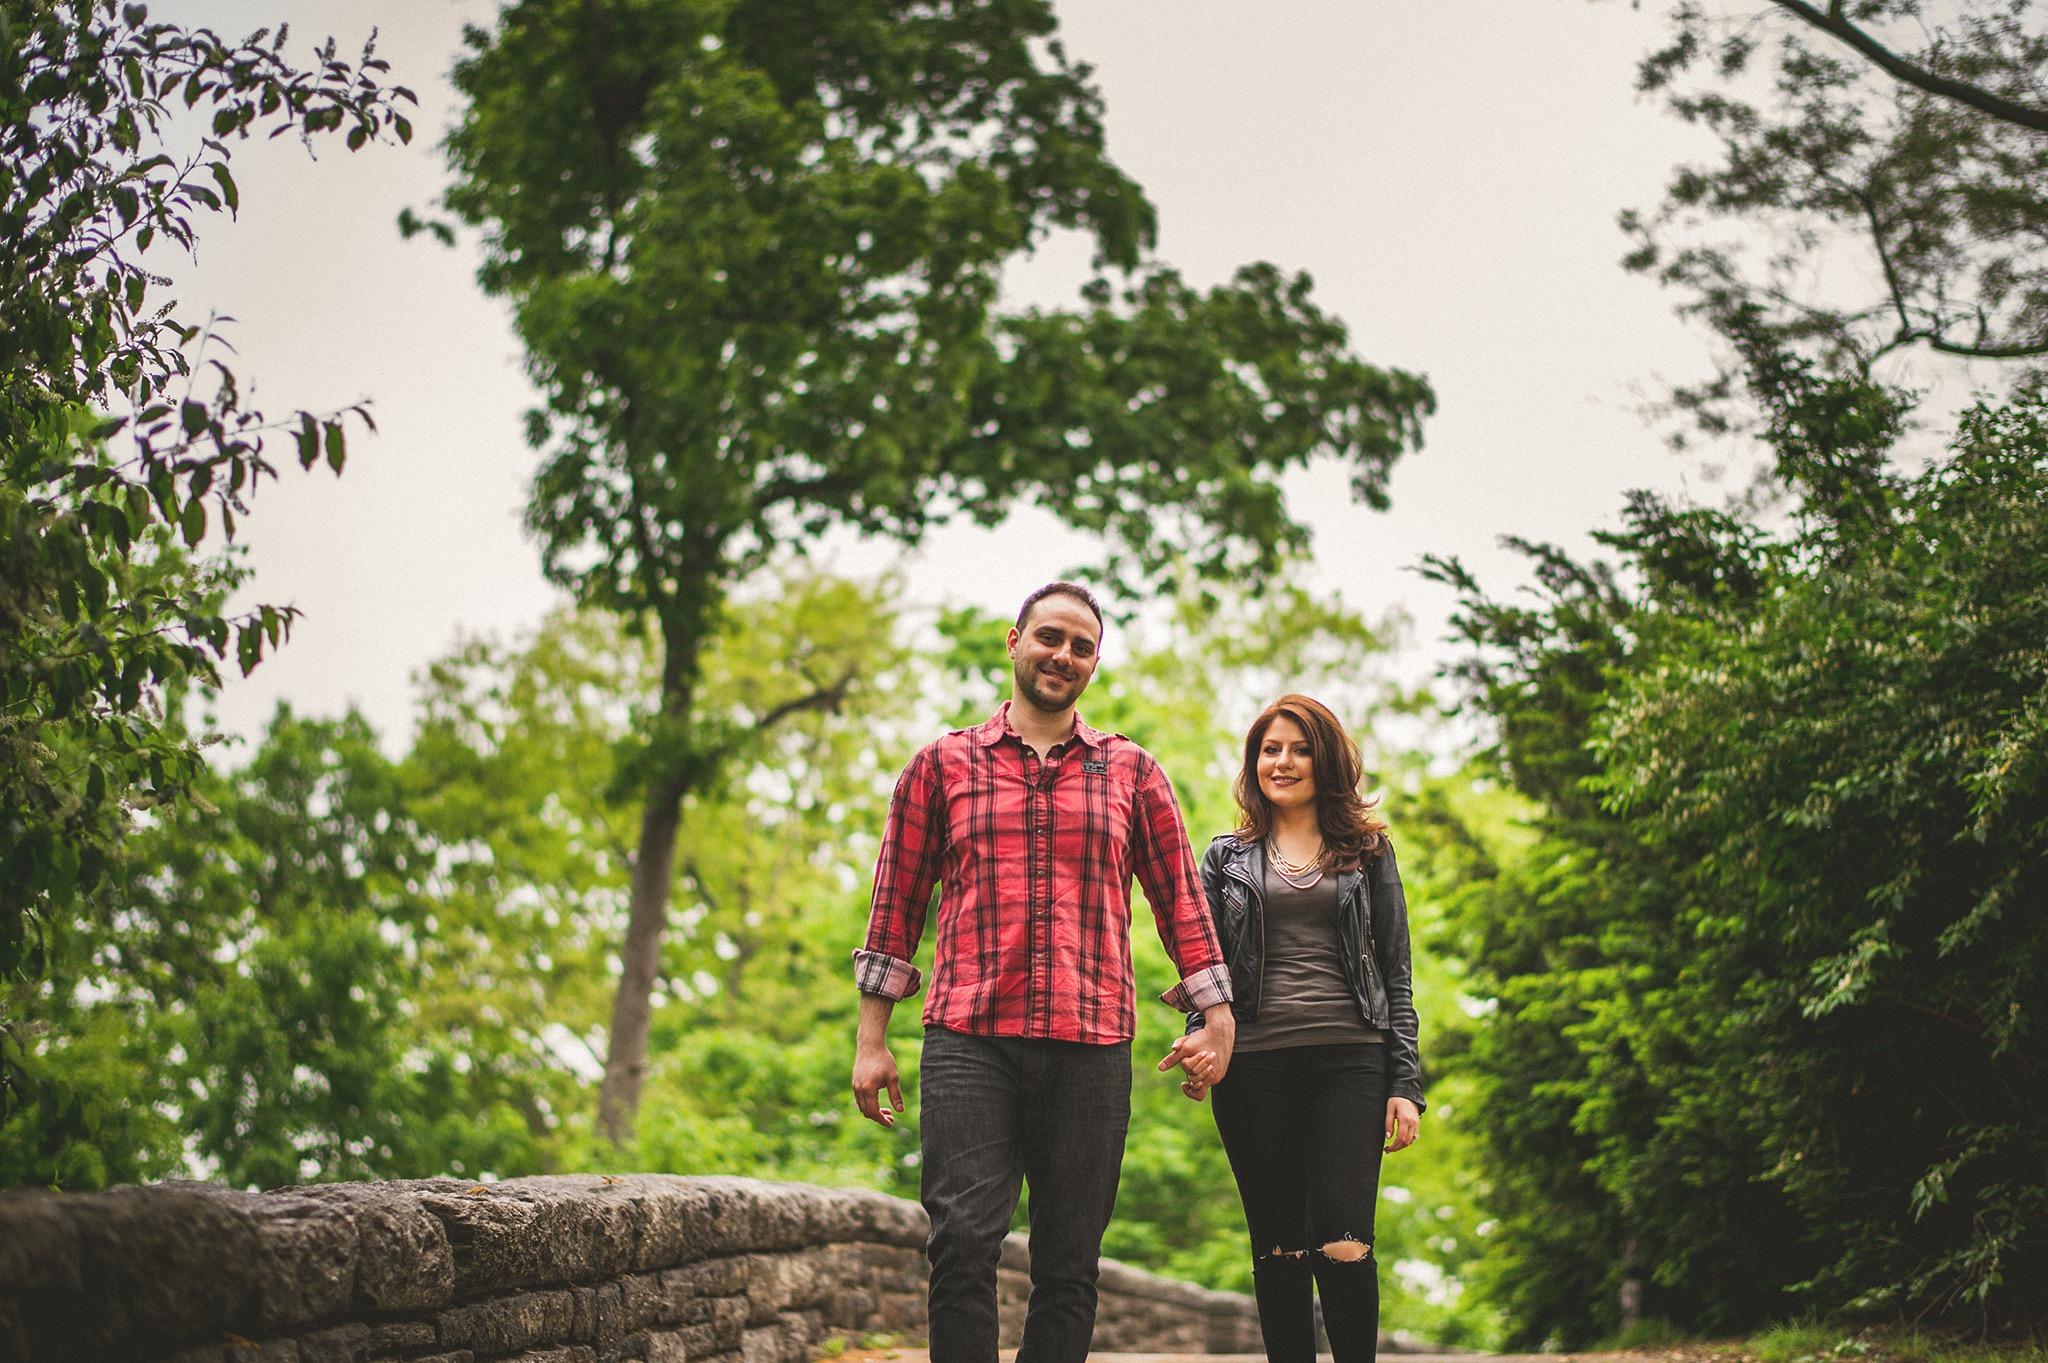 03-couple-walking-in-park.jpg